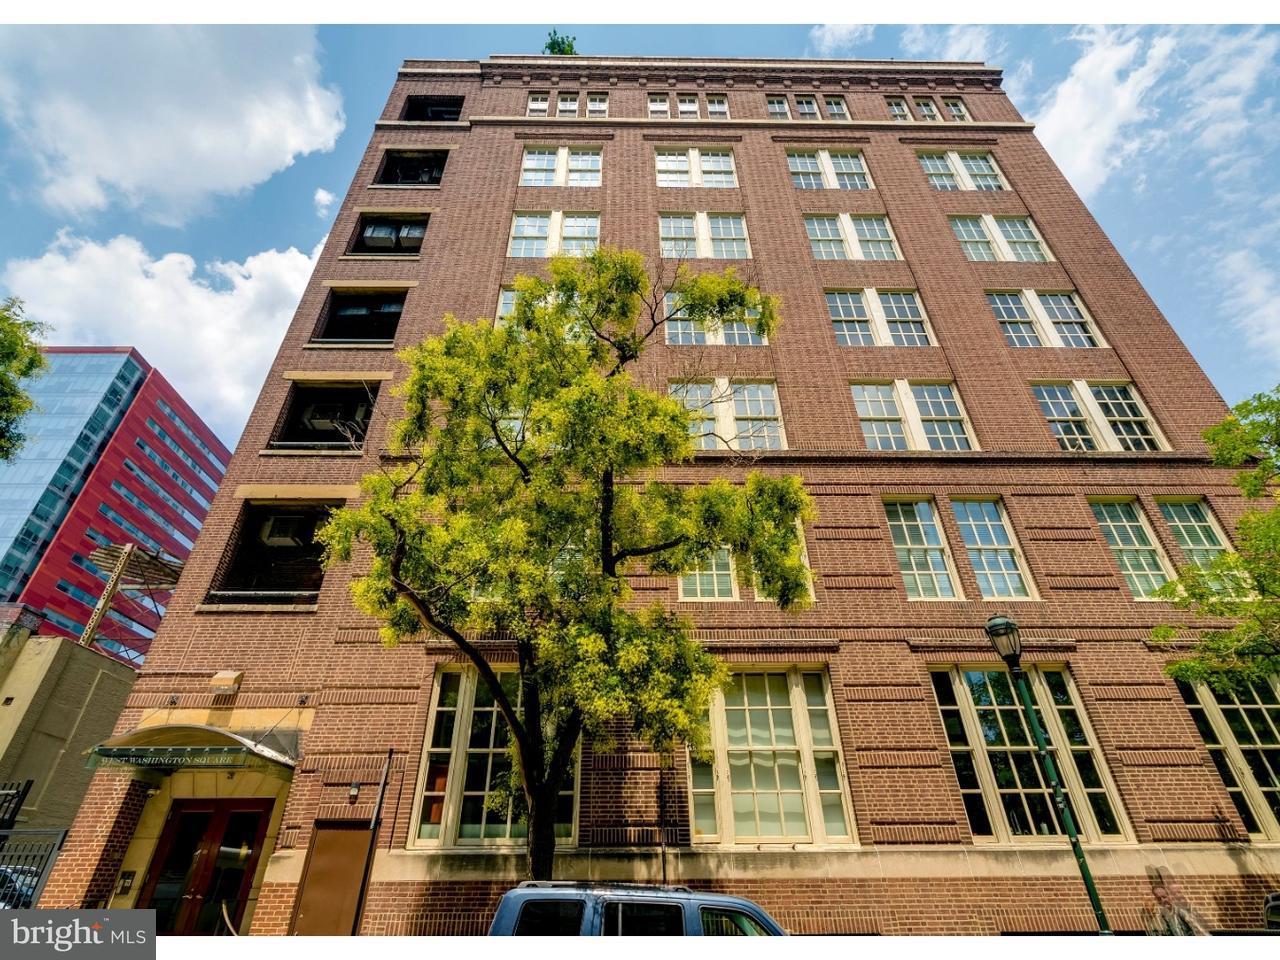 Appartement en copropriété pour l Vente à 220 W WASHINGTON SQ #300 Philadelphia, Pennsylvanie 19106 États-Unis